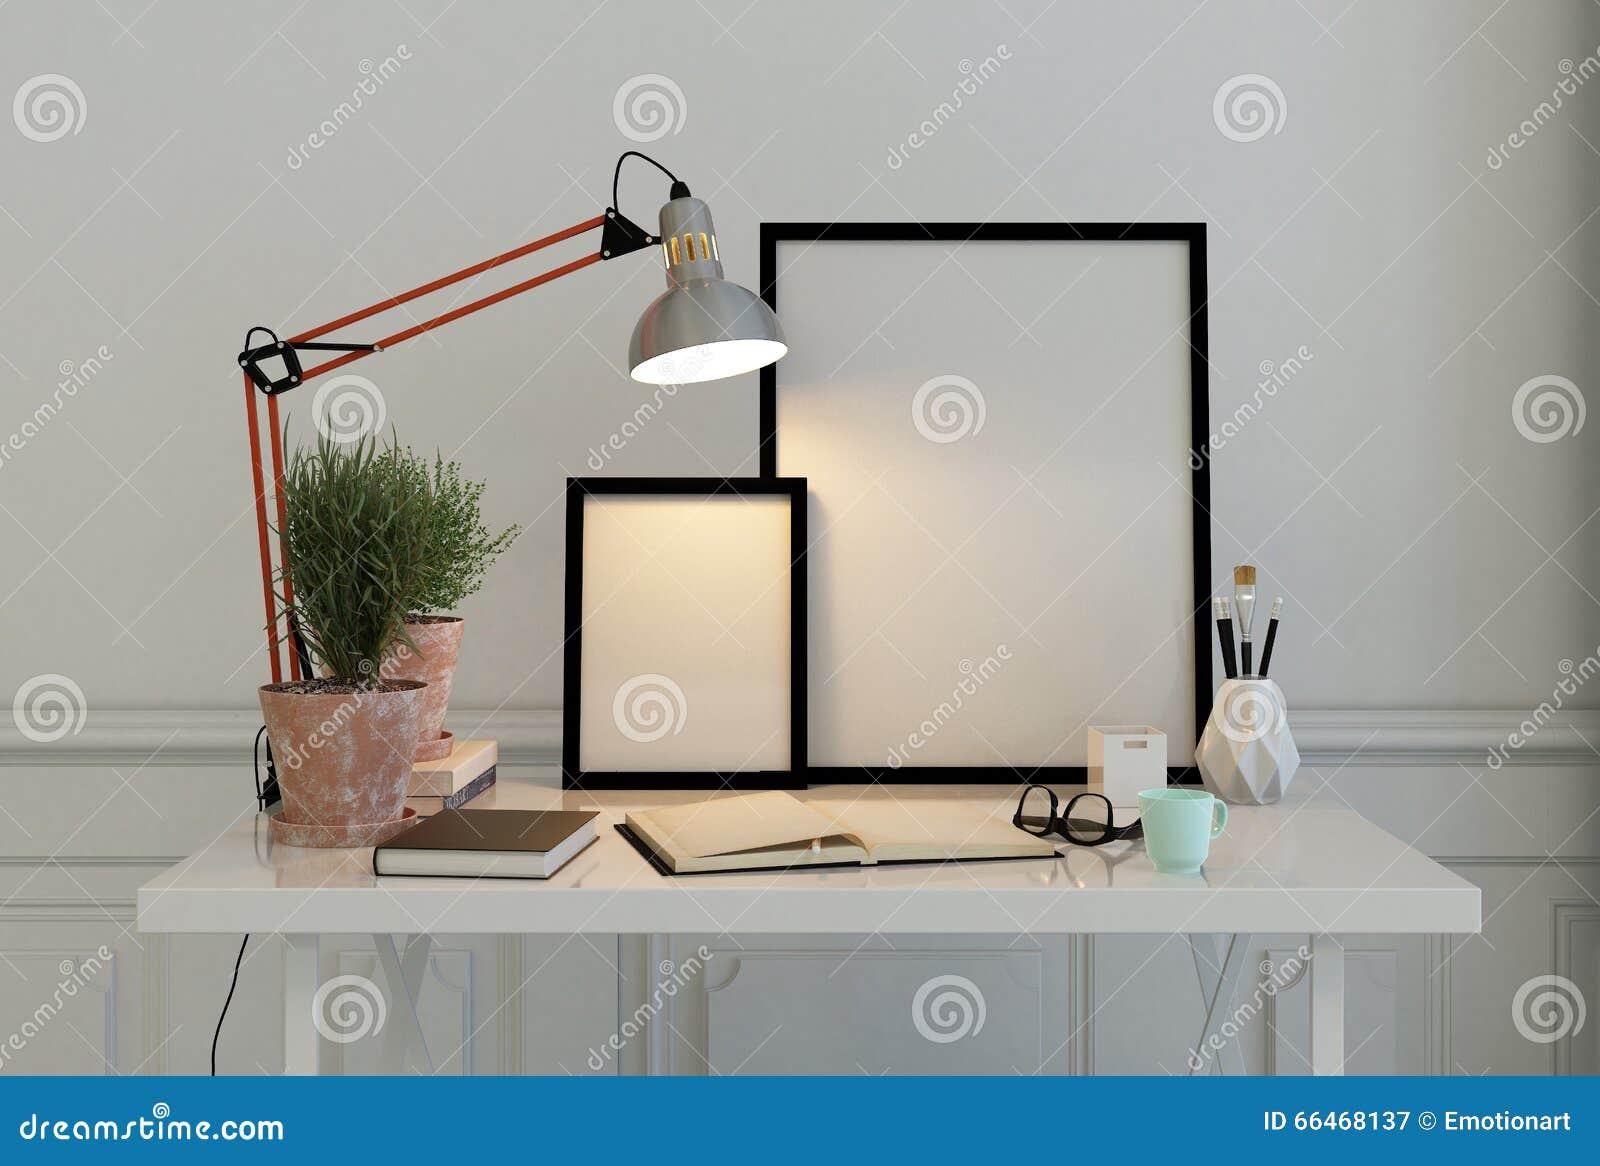 Leere Bilderrahmen Auf Einem Schreibtisch Stockbild - Bild von stuhl ...